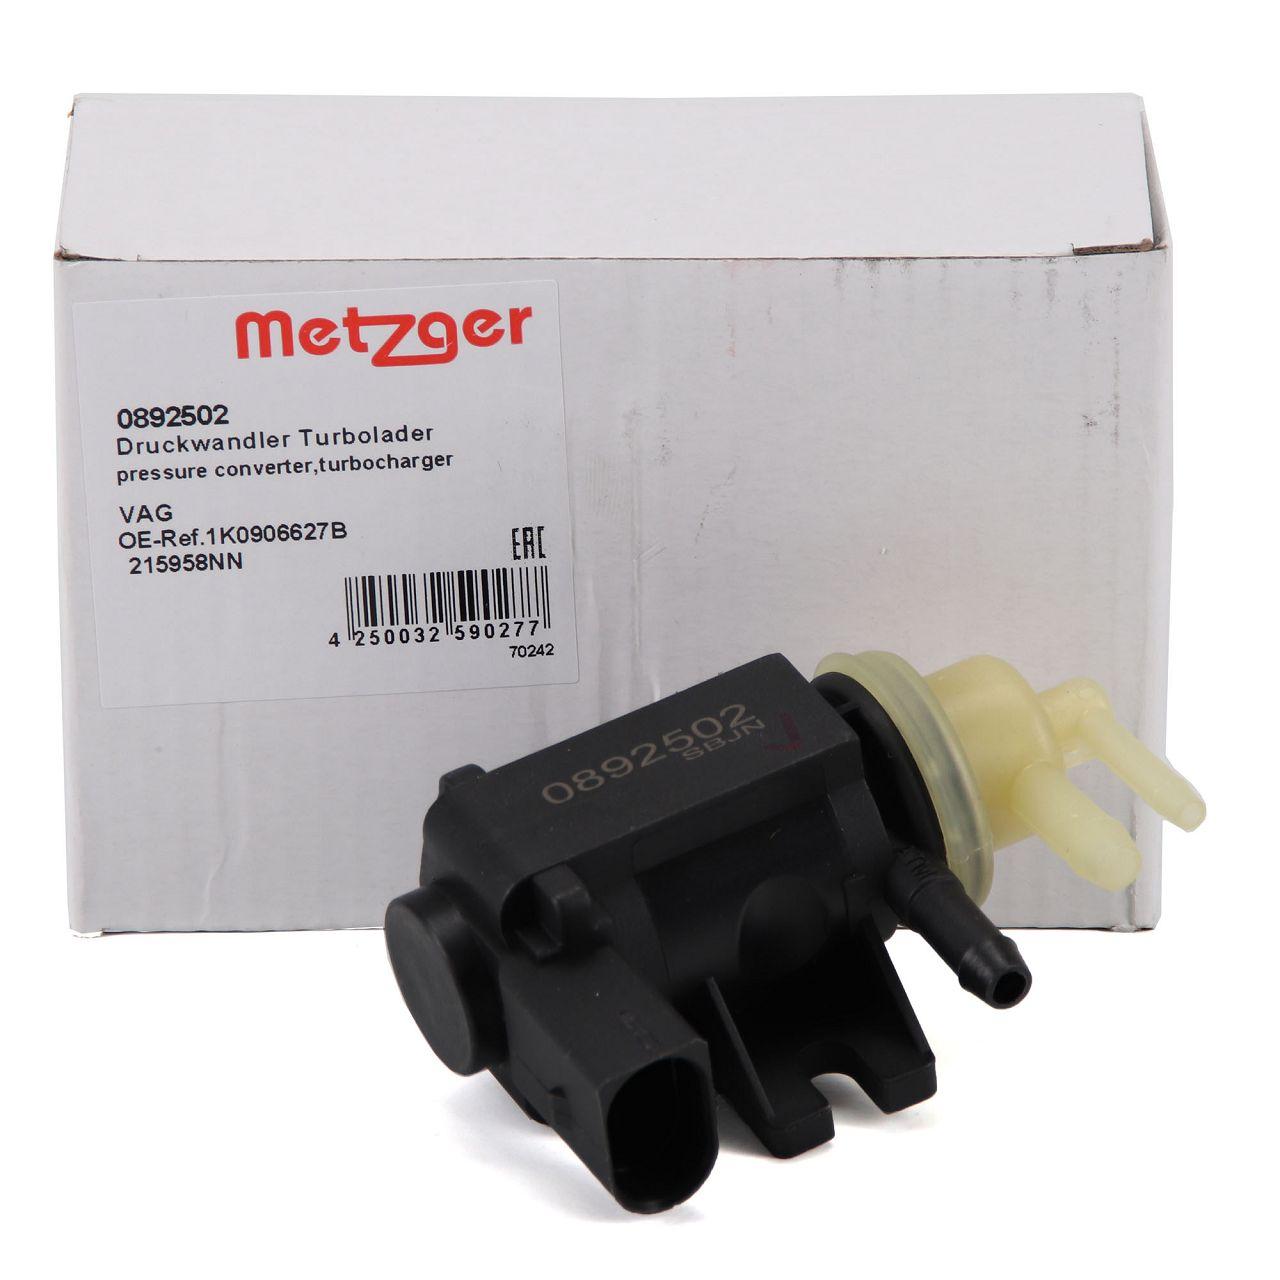 METZGER Druckwandler Turbolader für AUDI A1 8X A3 8P 8V VW GOLF 6 7 1.6/2.0 TDI